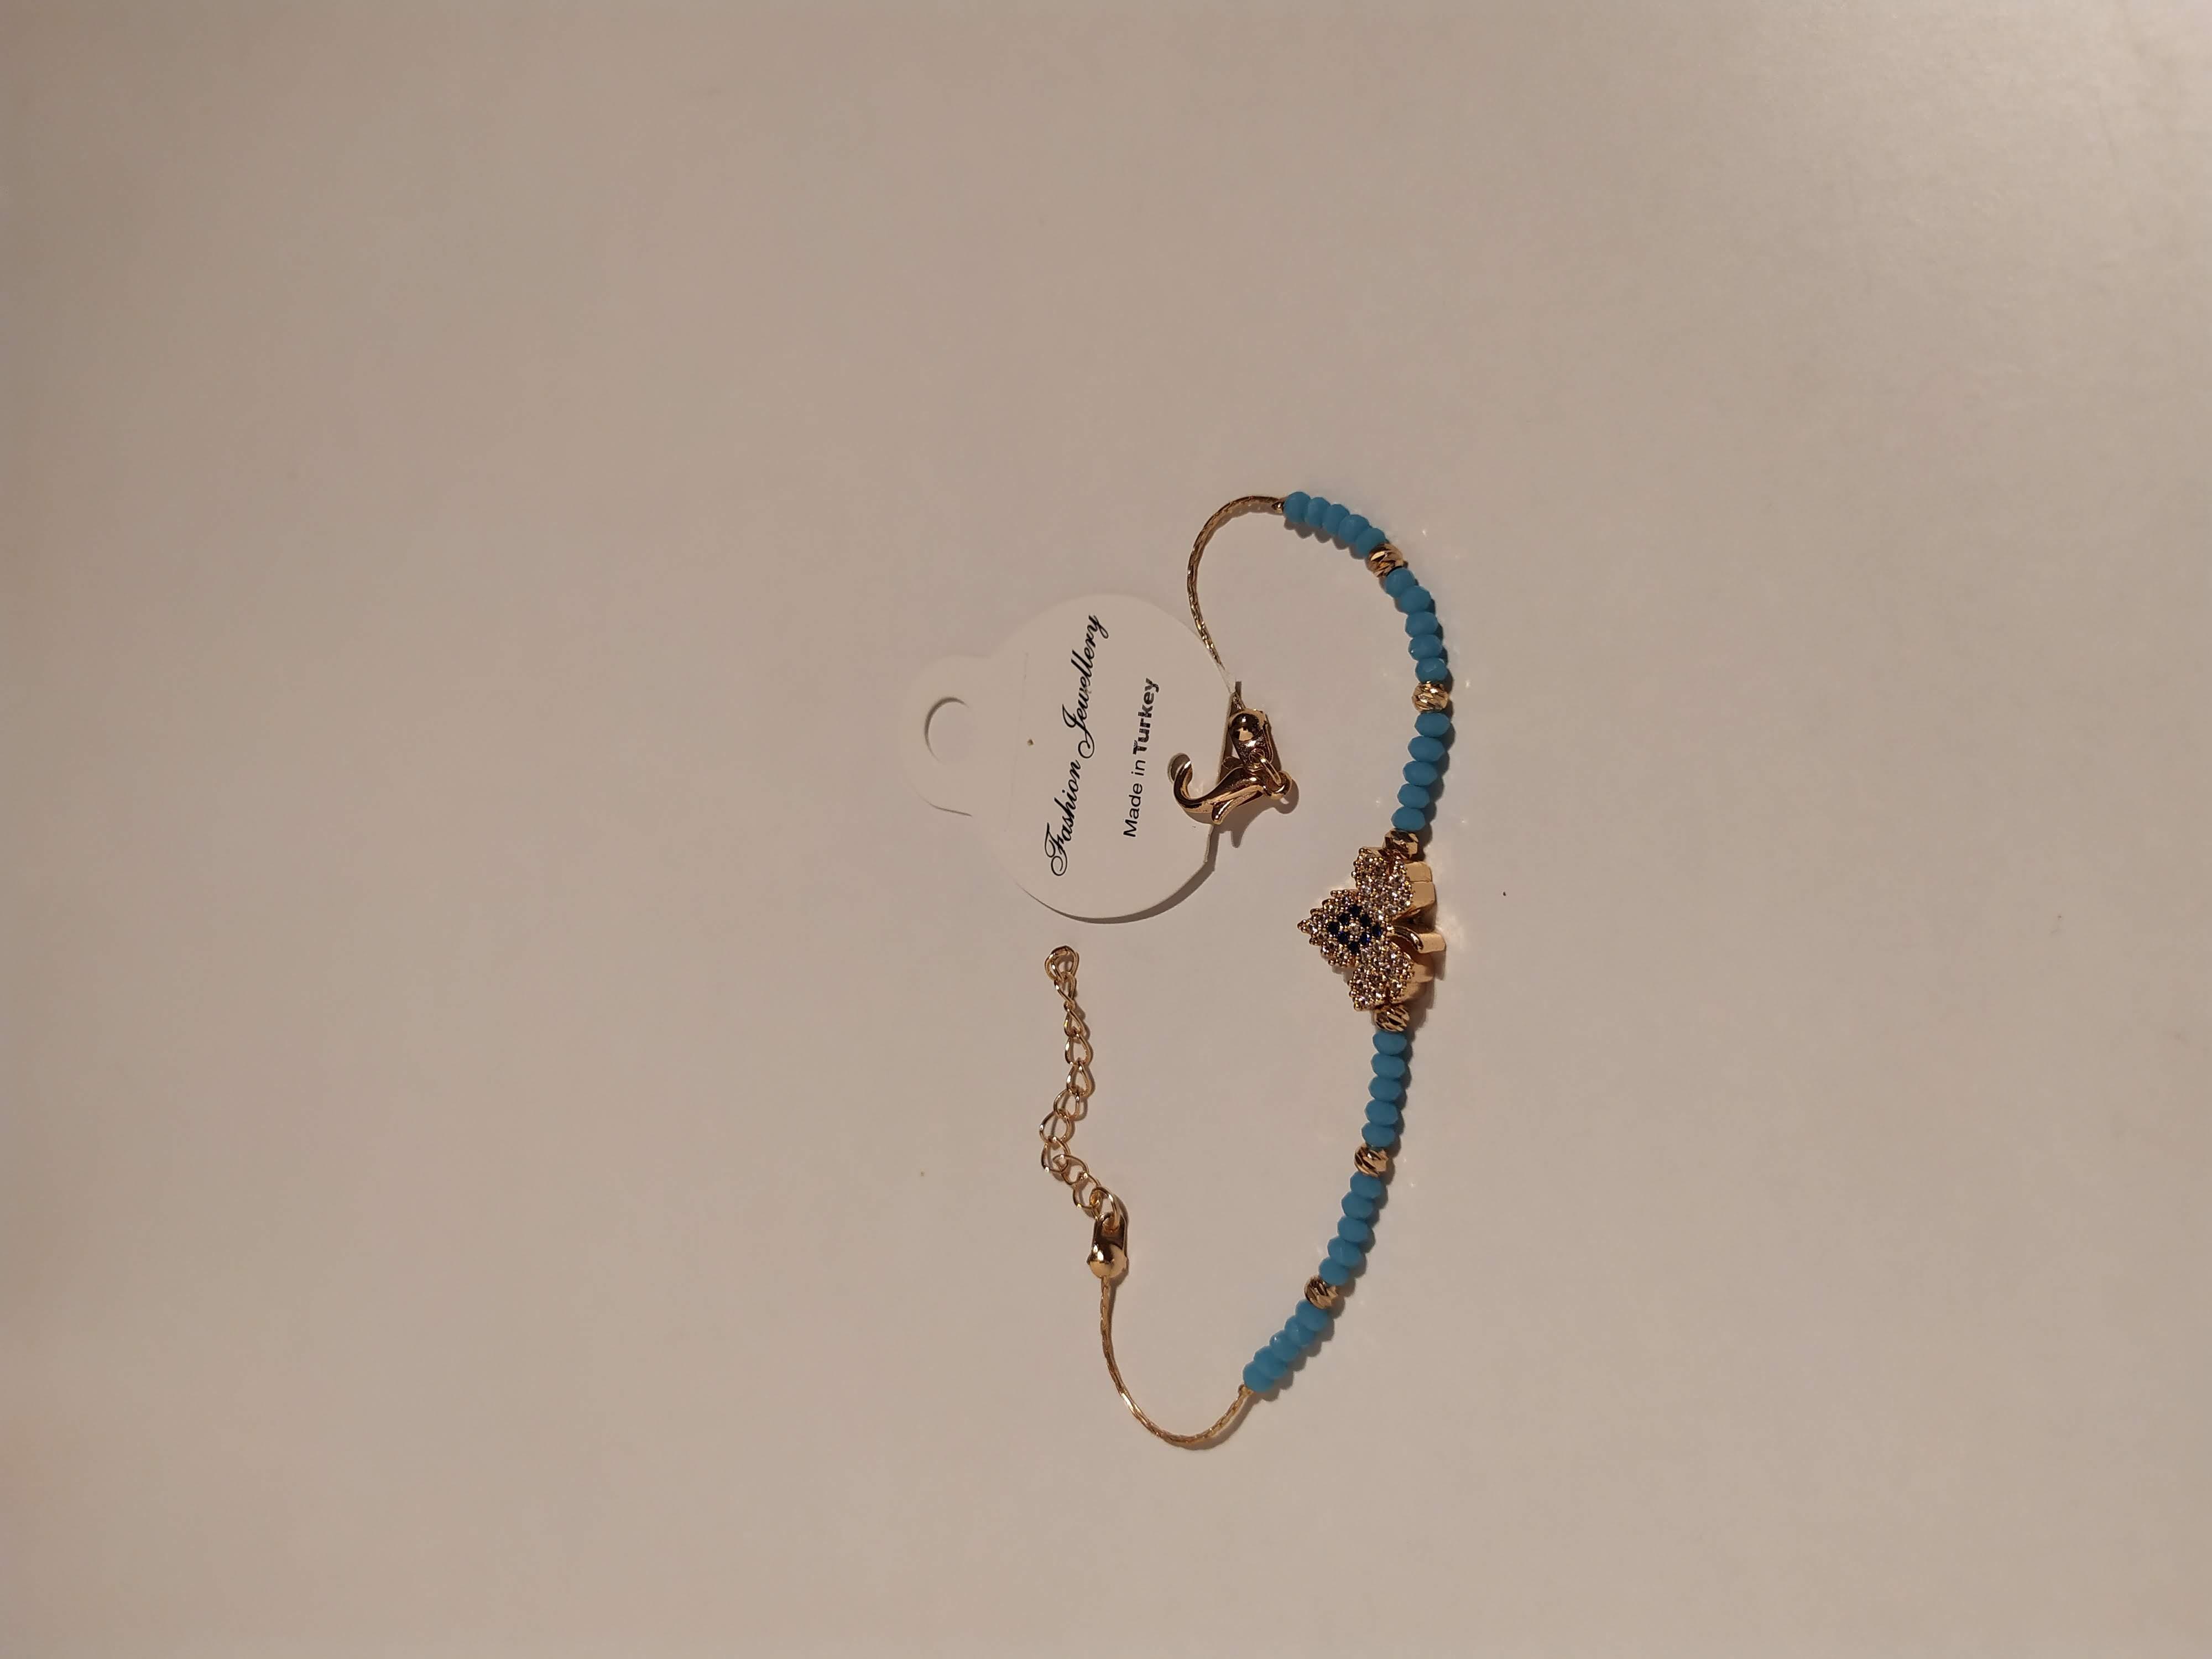 حجر الزيركون ، مطلي بالذهب ، غير مسبوق ، سوار أسود / Zircon Stone, Gold Plated, Non Allergic, Bracelet_3